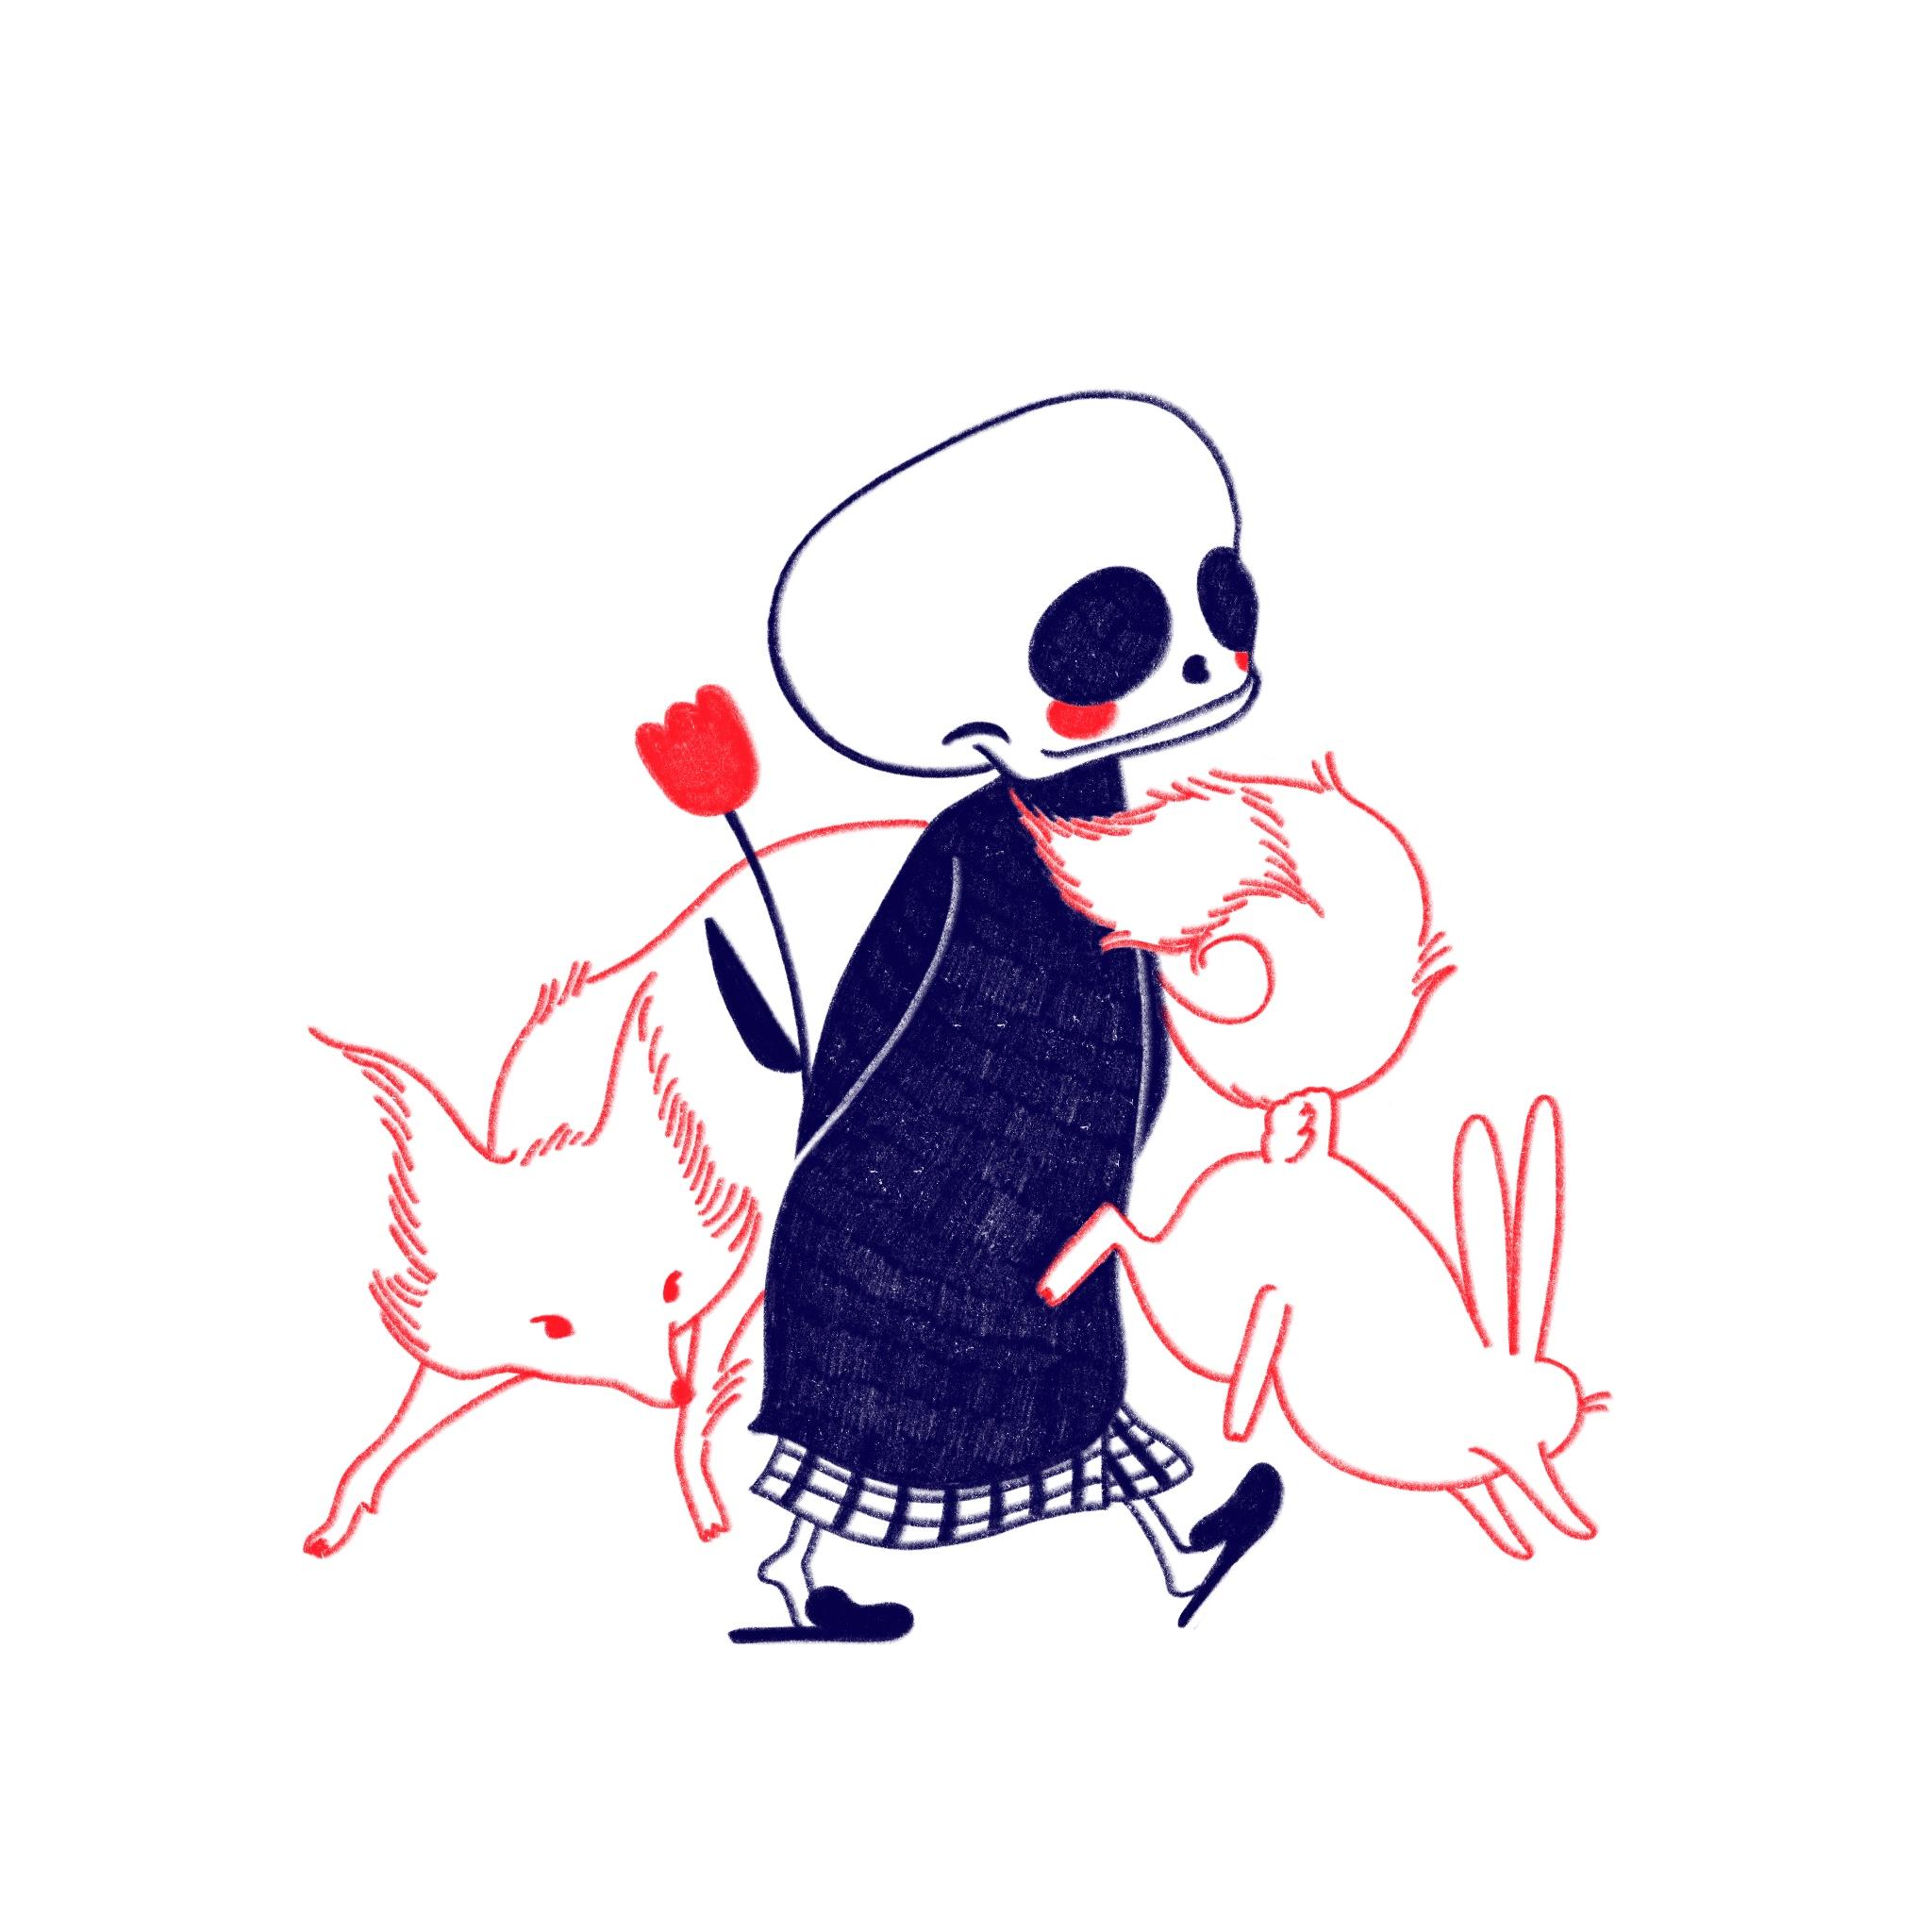 dangerlam_death fox rabbit